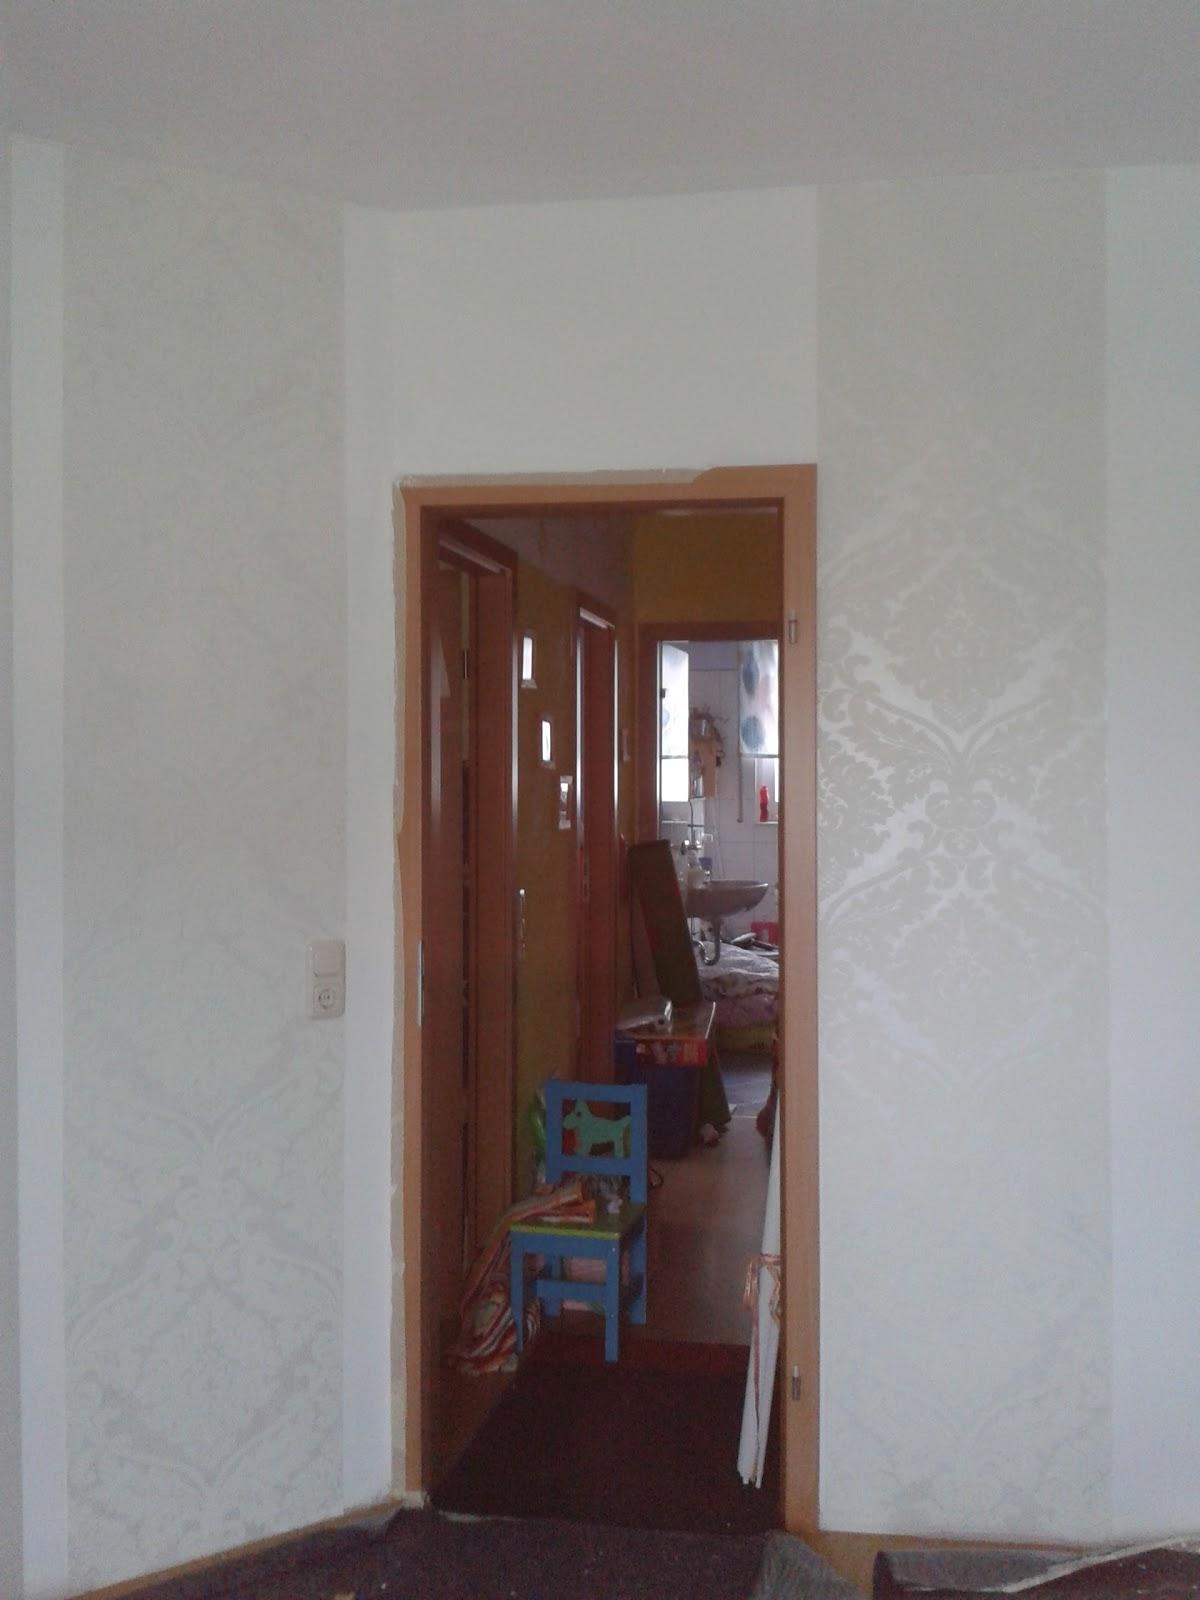 biancas just cook wochenr ckblick 1 27. Black Bedroom Furniture Sets. Home Design Ideas